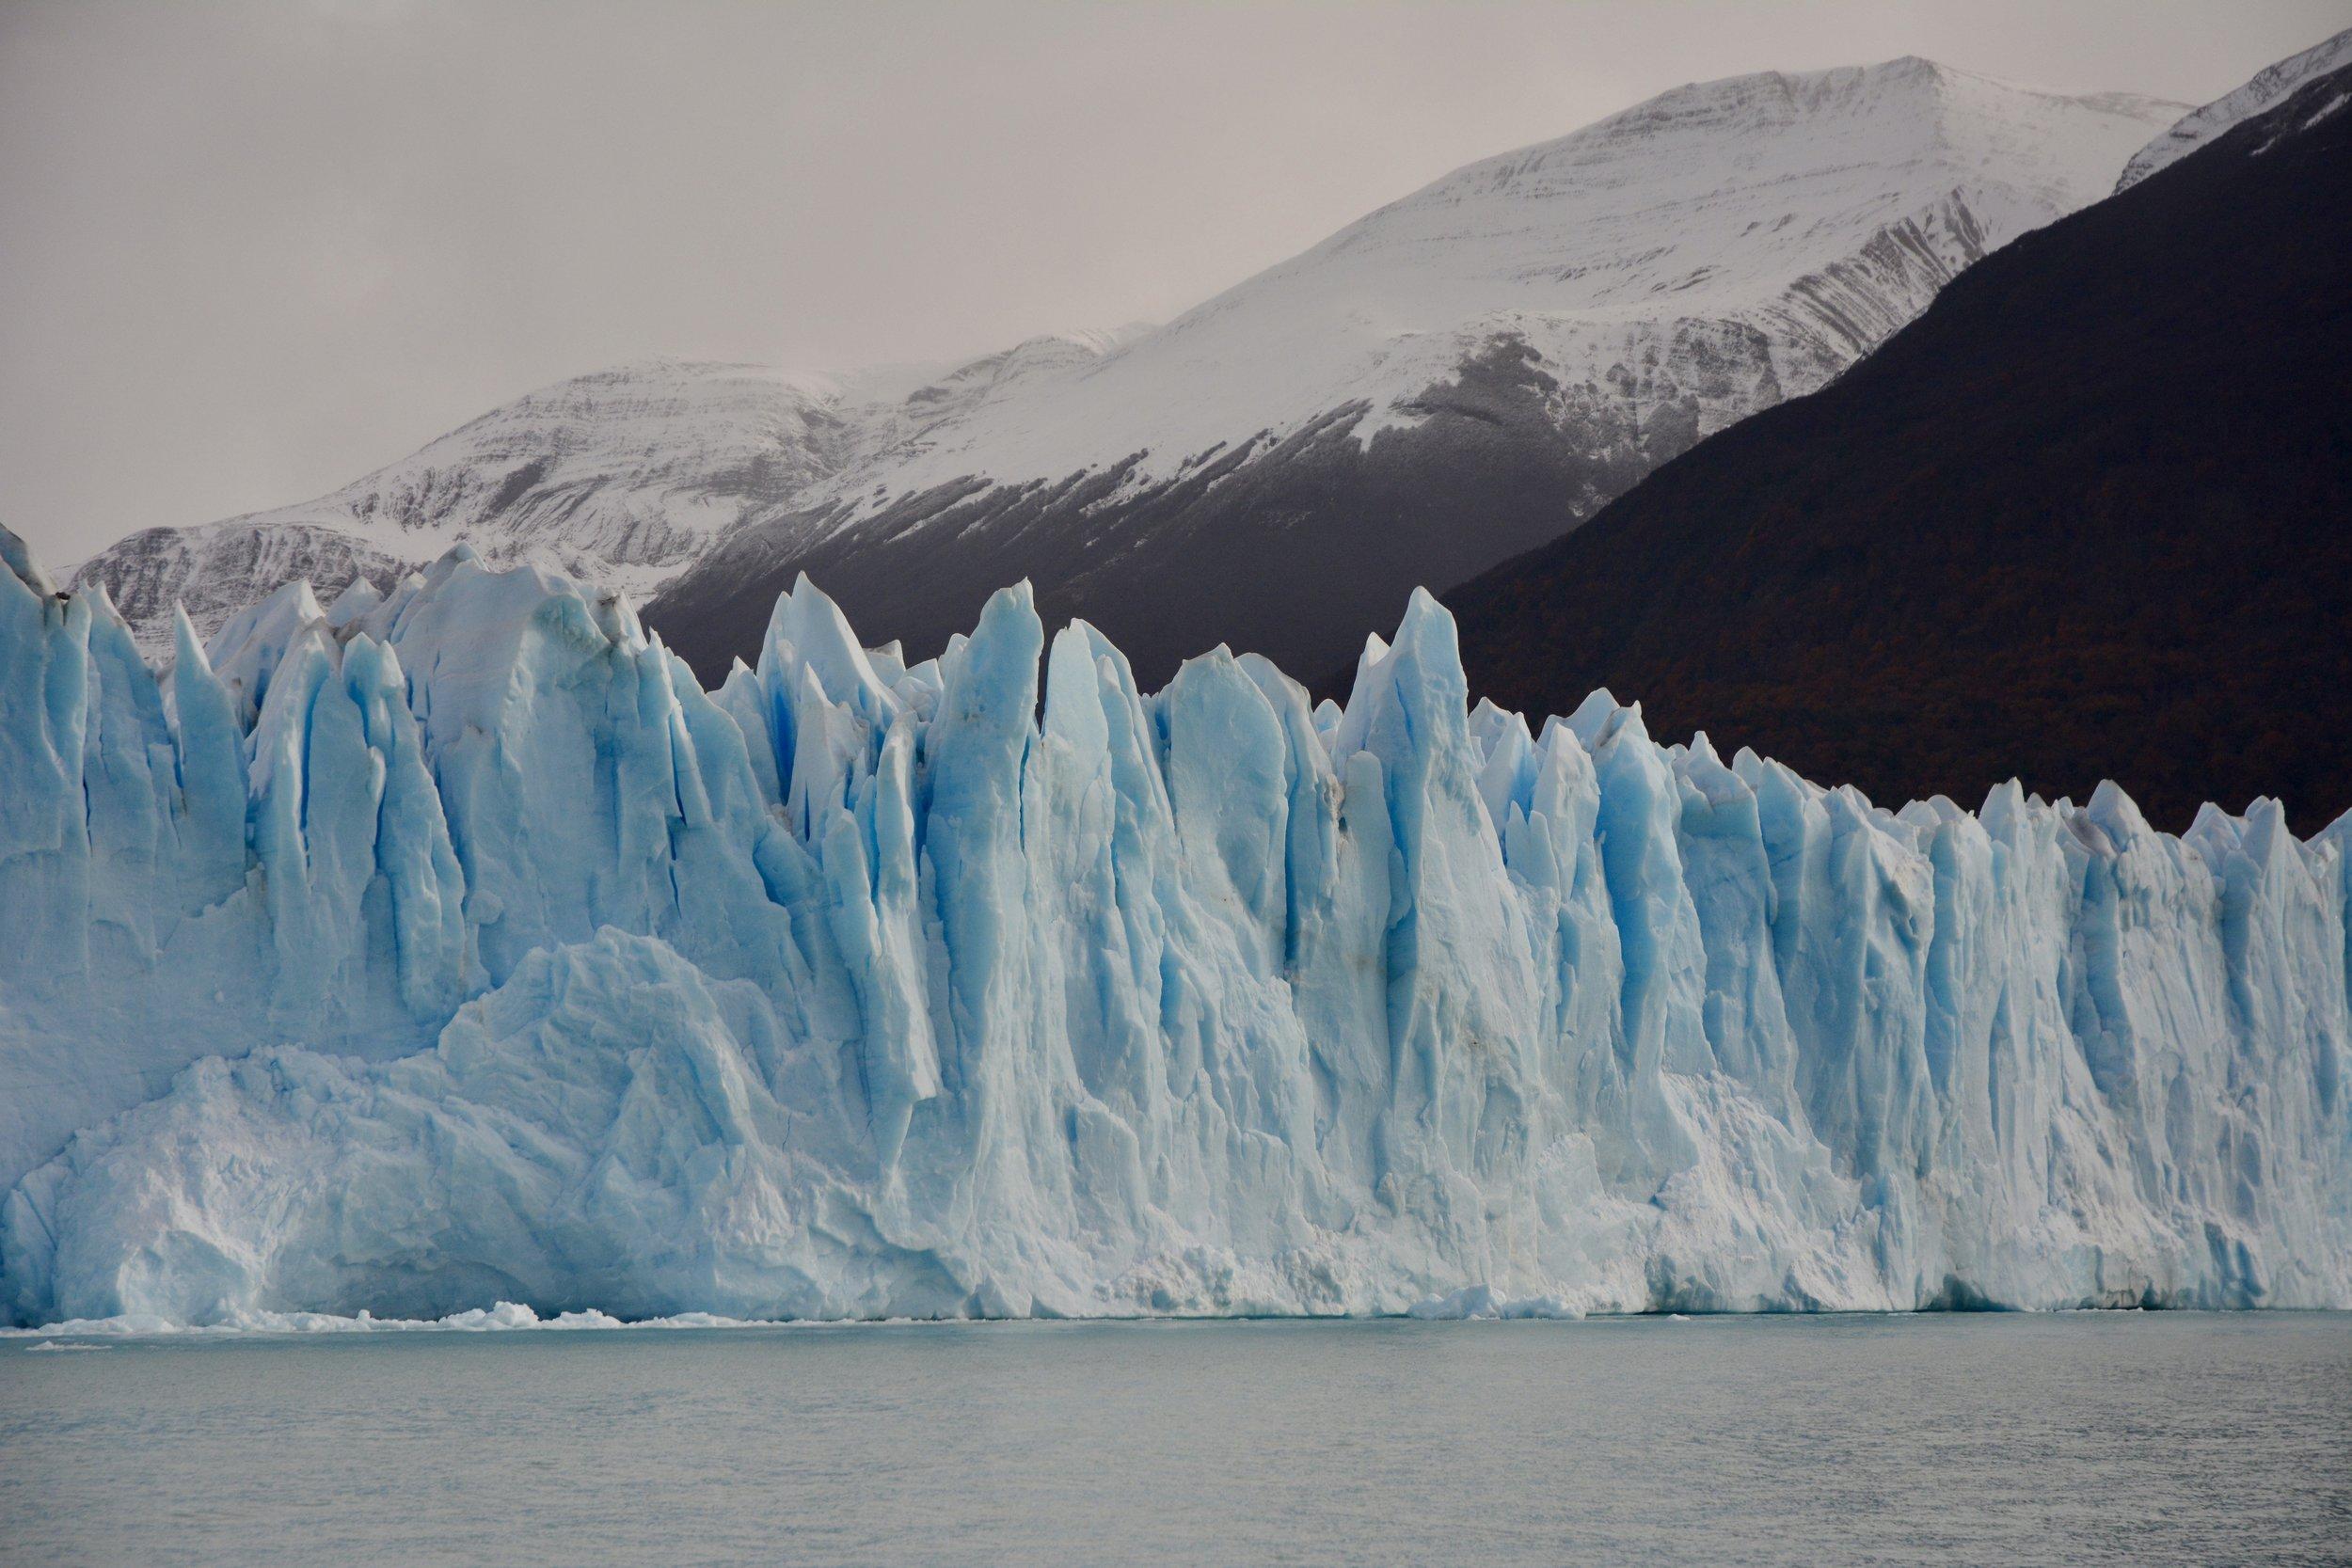 Perito Moreno Glacier, Argentina 2017